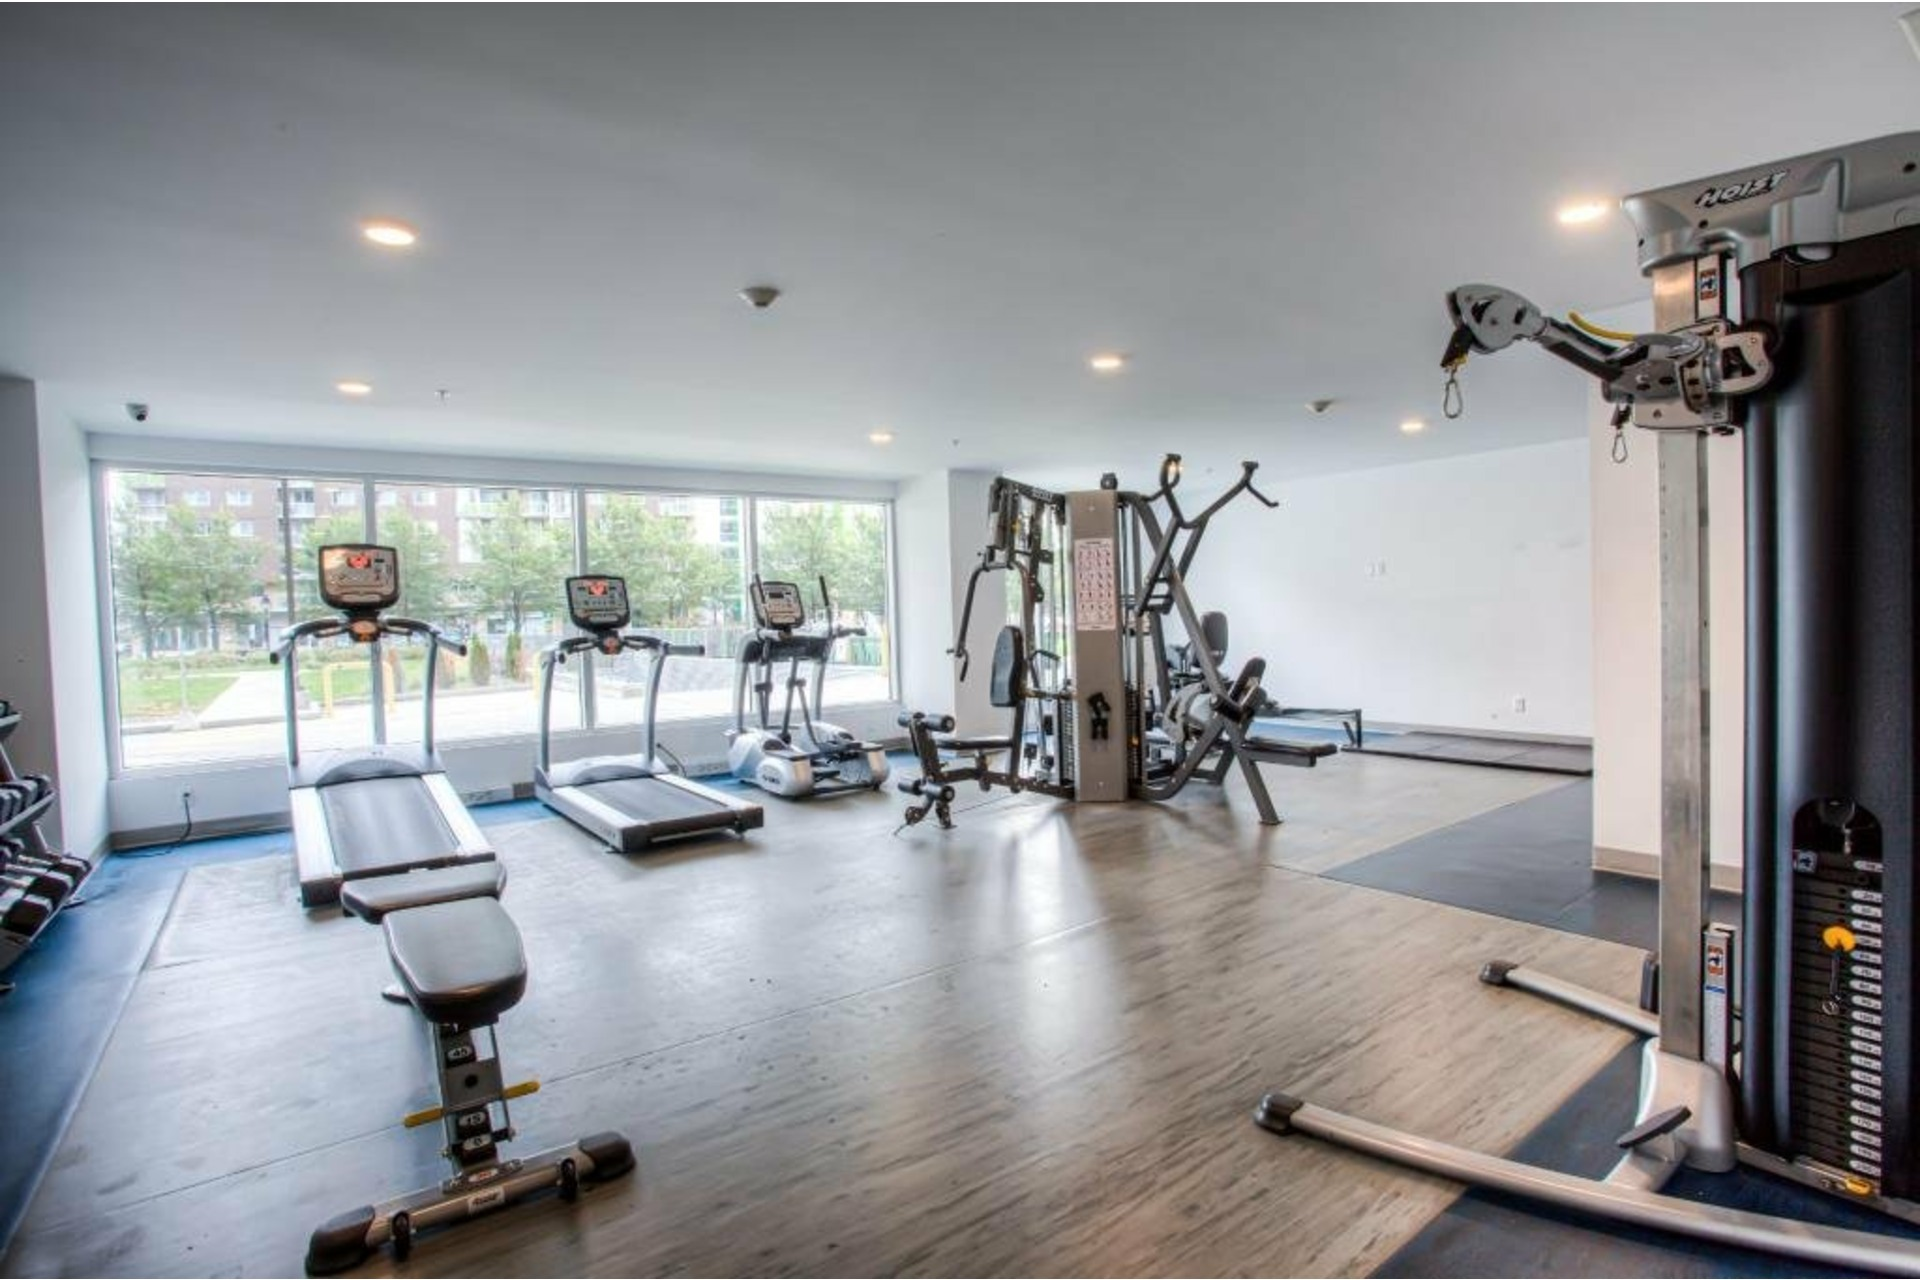 image 20 - Apartment For sale Ahuntsic-Cartierville Montréal  - 7 rooms